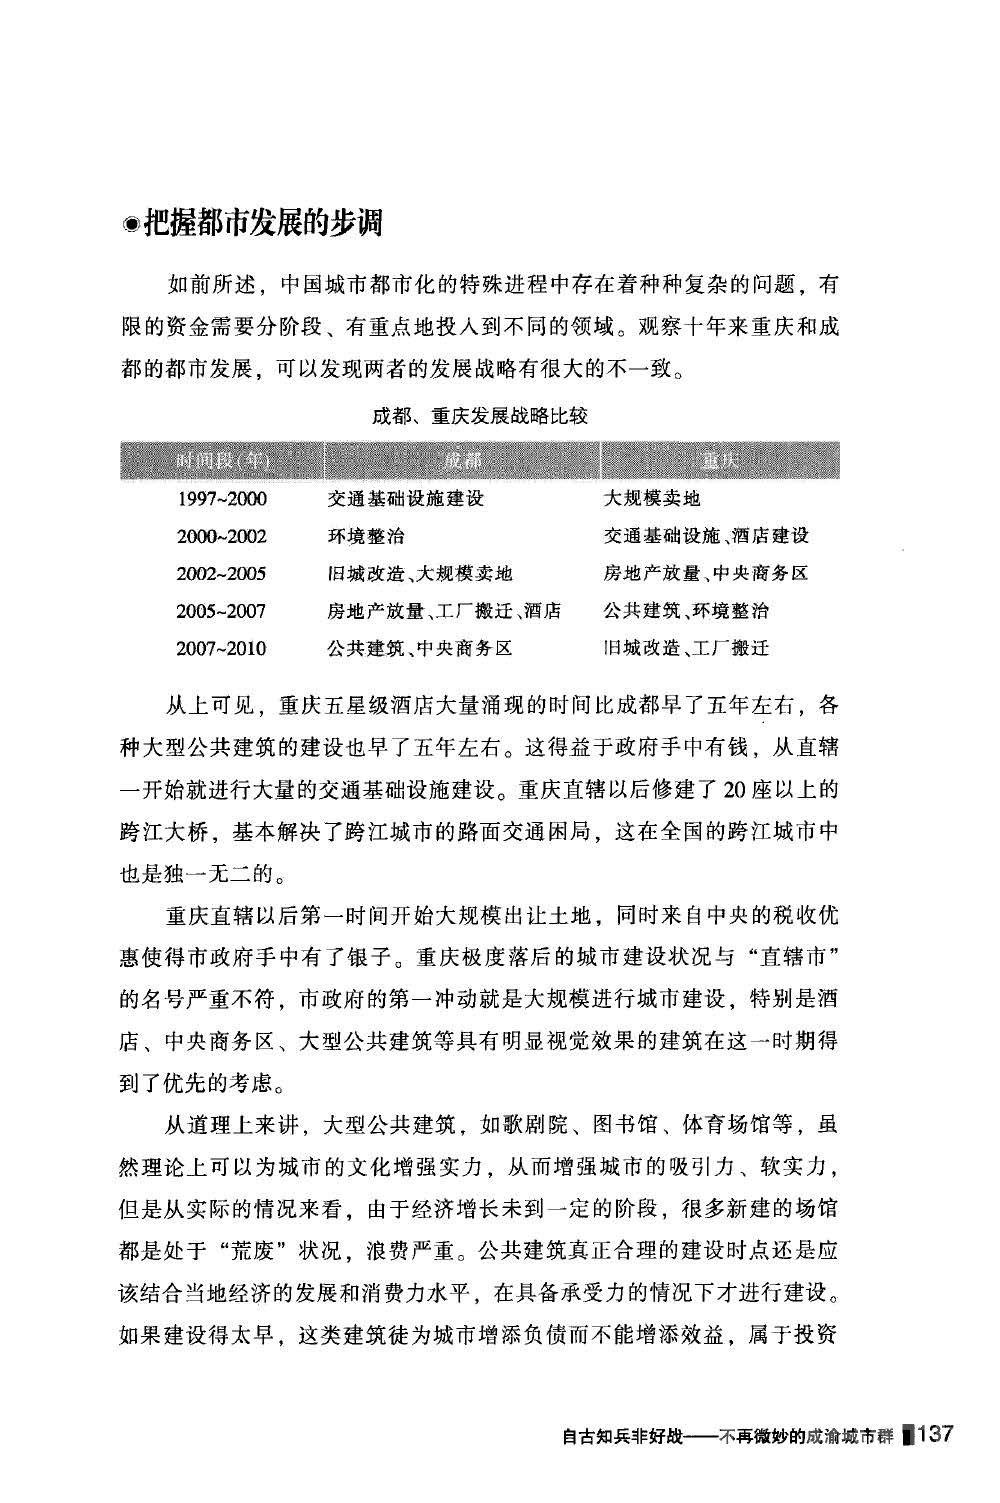 111-160_页面_27.jpg